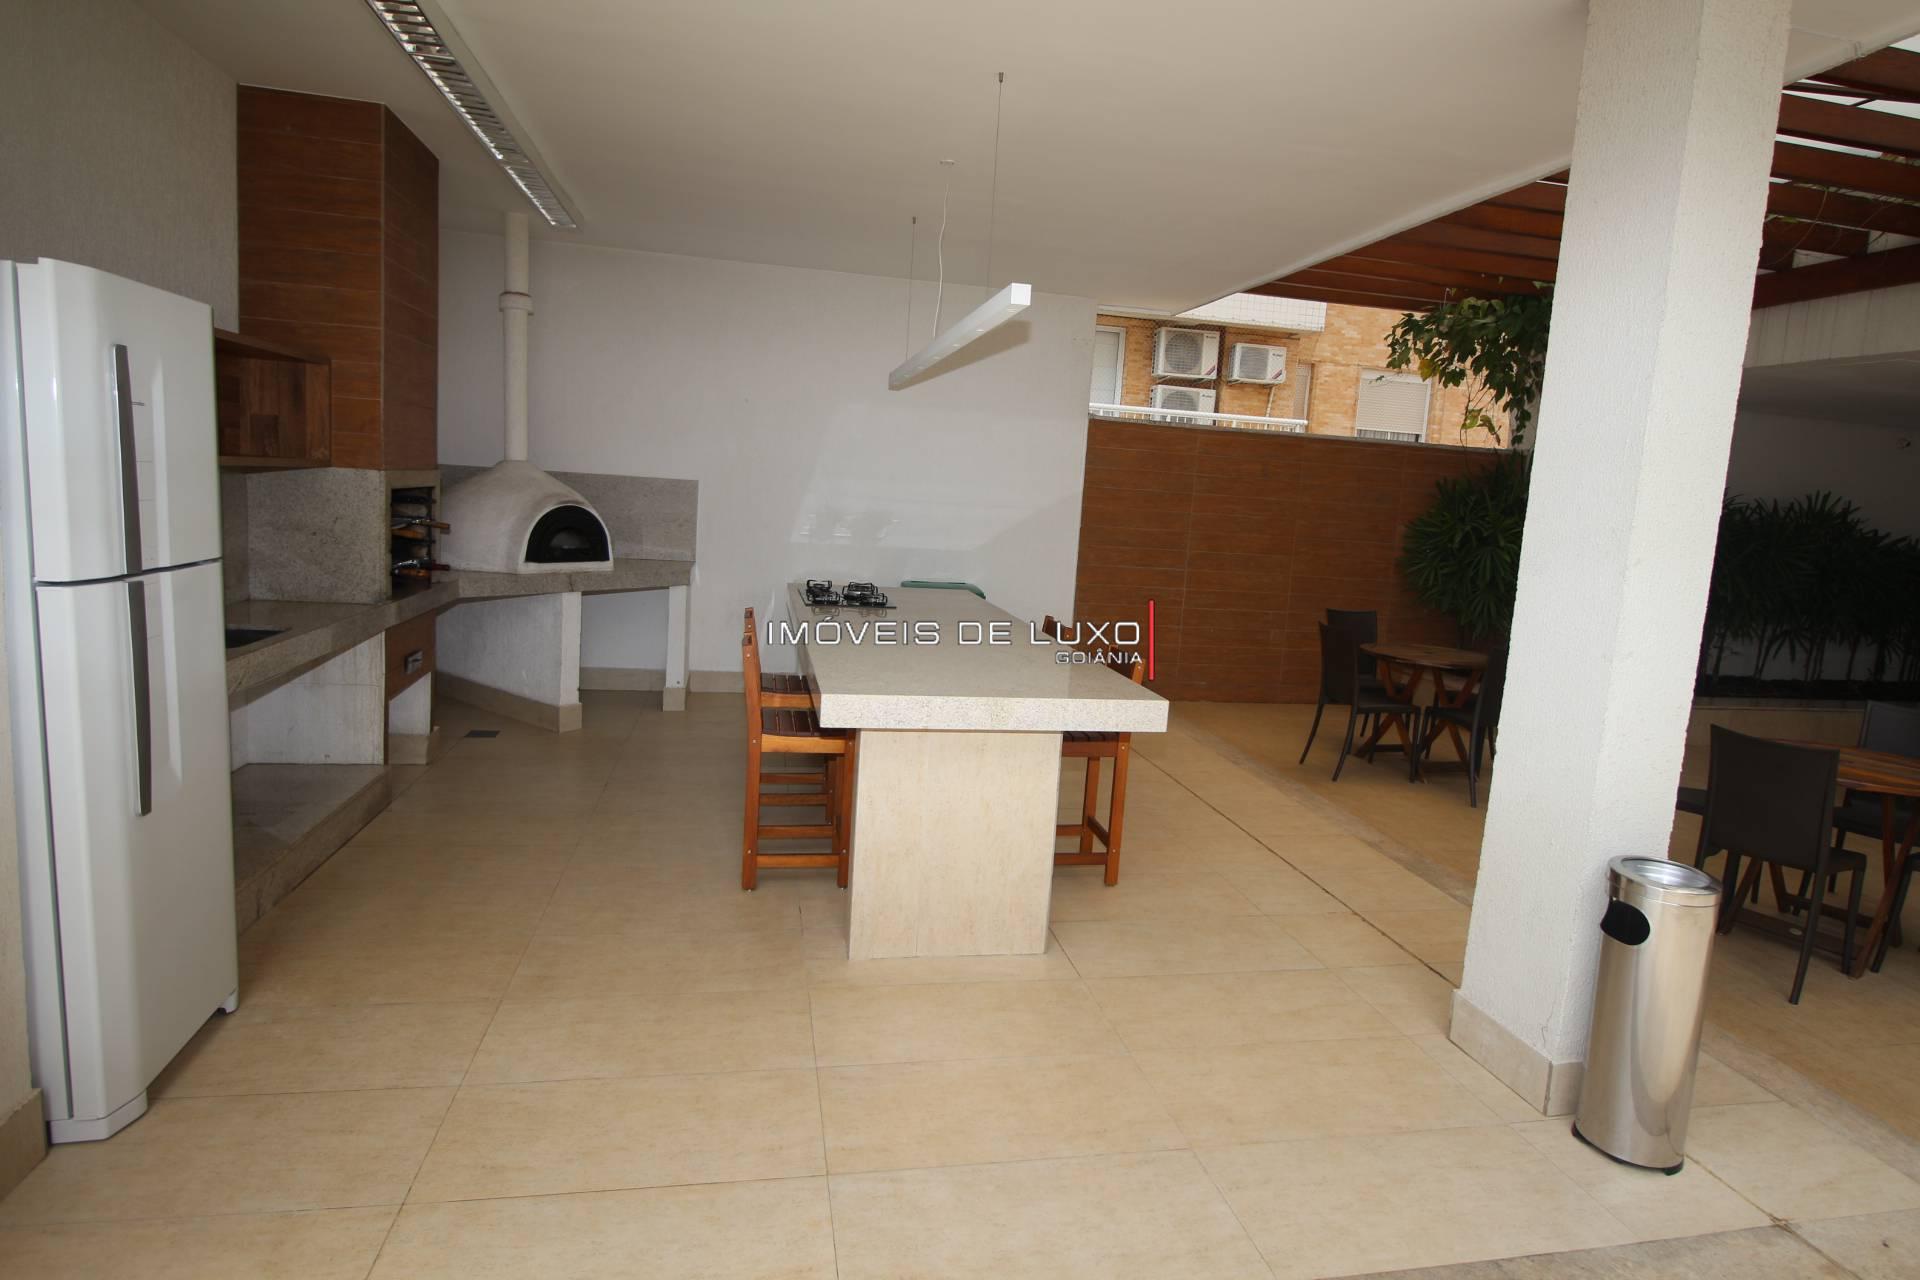 Imóveis de Luxo - Belíssimo apartamento decorado ao lado do Vaca Brava.